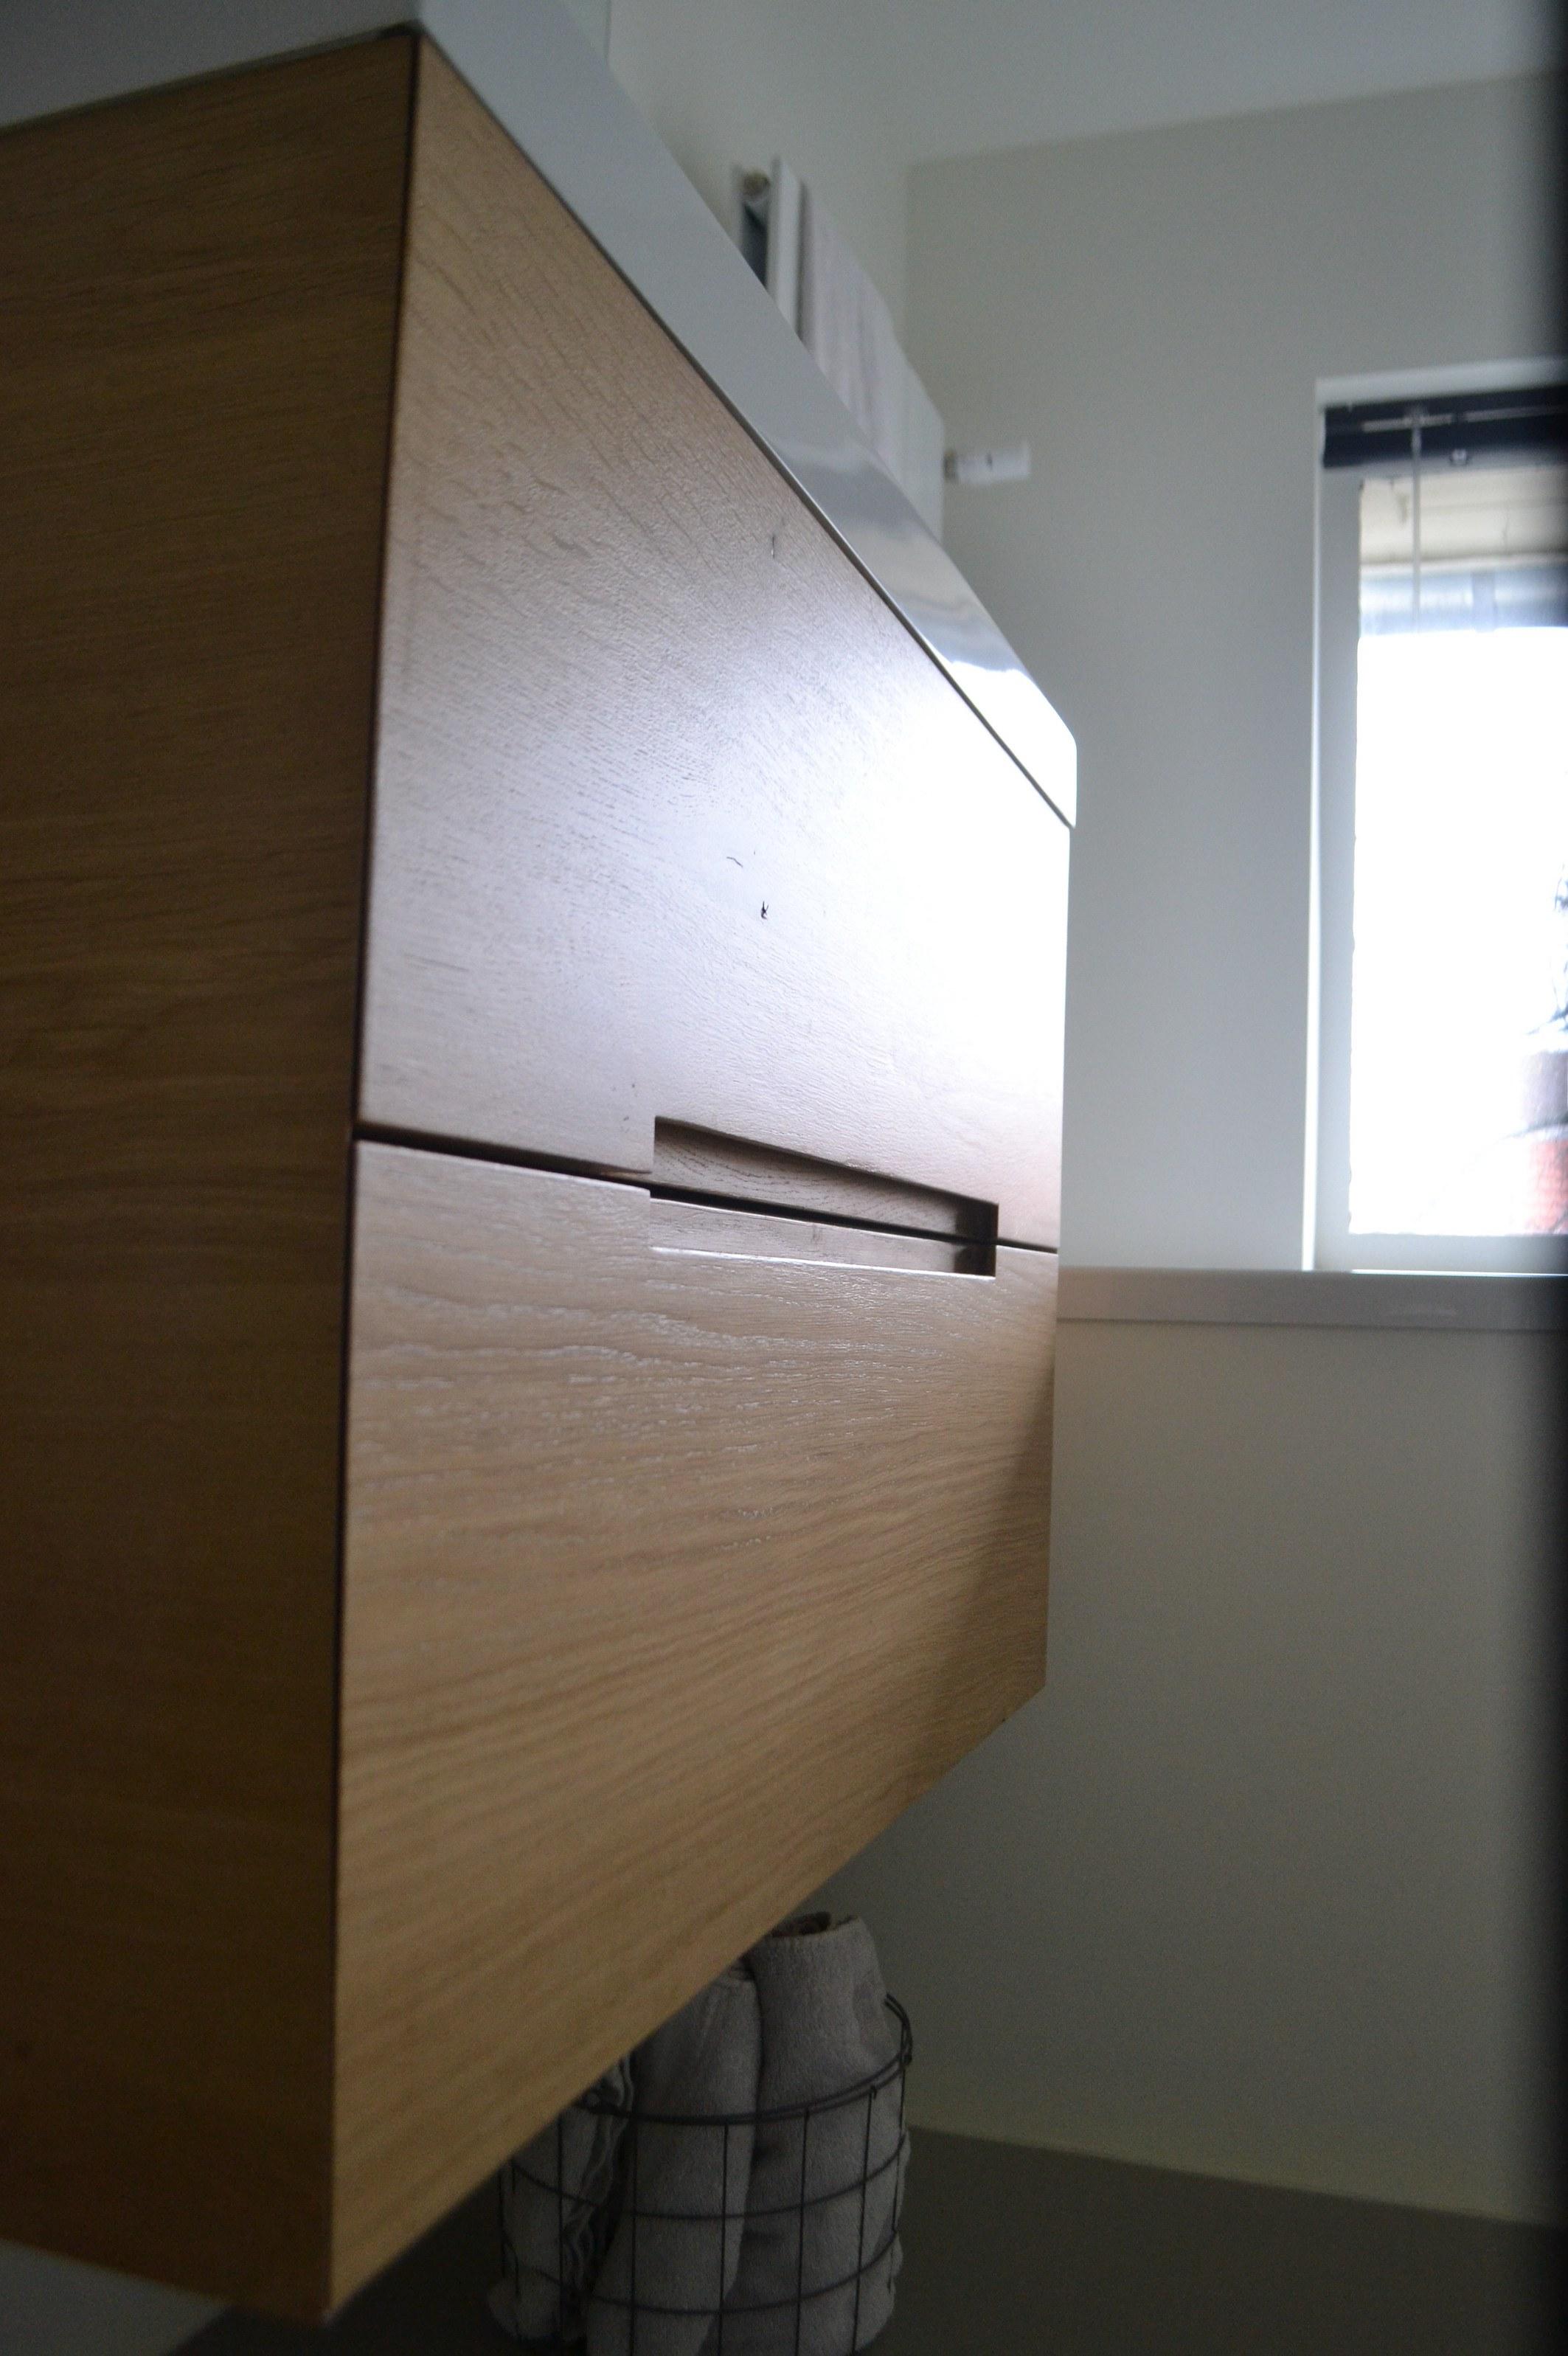 #Meubelmaker #Eindhoven #meubelmakerij #interieur #meubelsopmaat #DutchDesignWeek #meubelsopmaat #Handgemaakt #dressoir #badkamermeubel #eikenhout #badkamermeubelopmaat